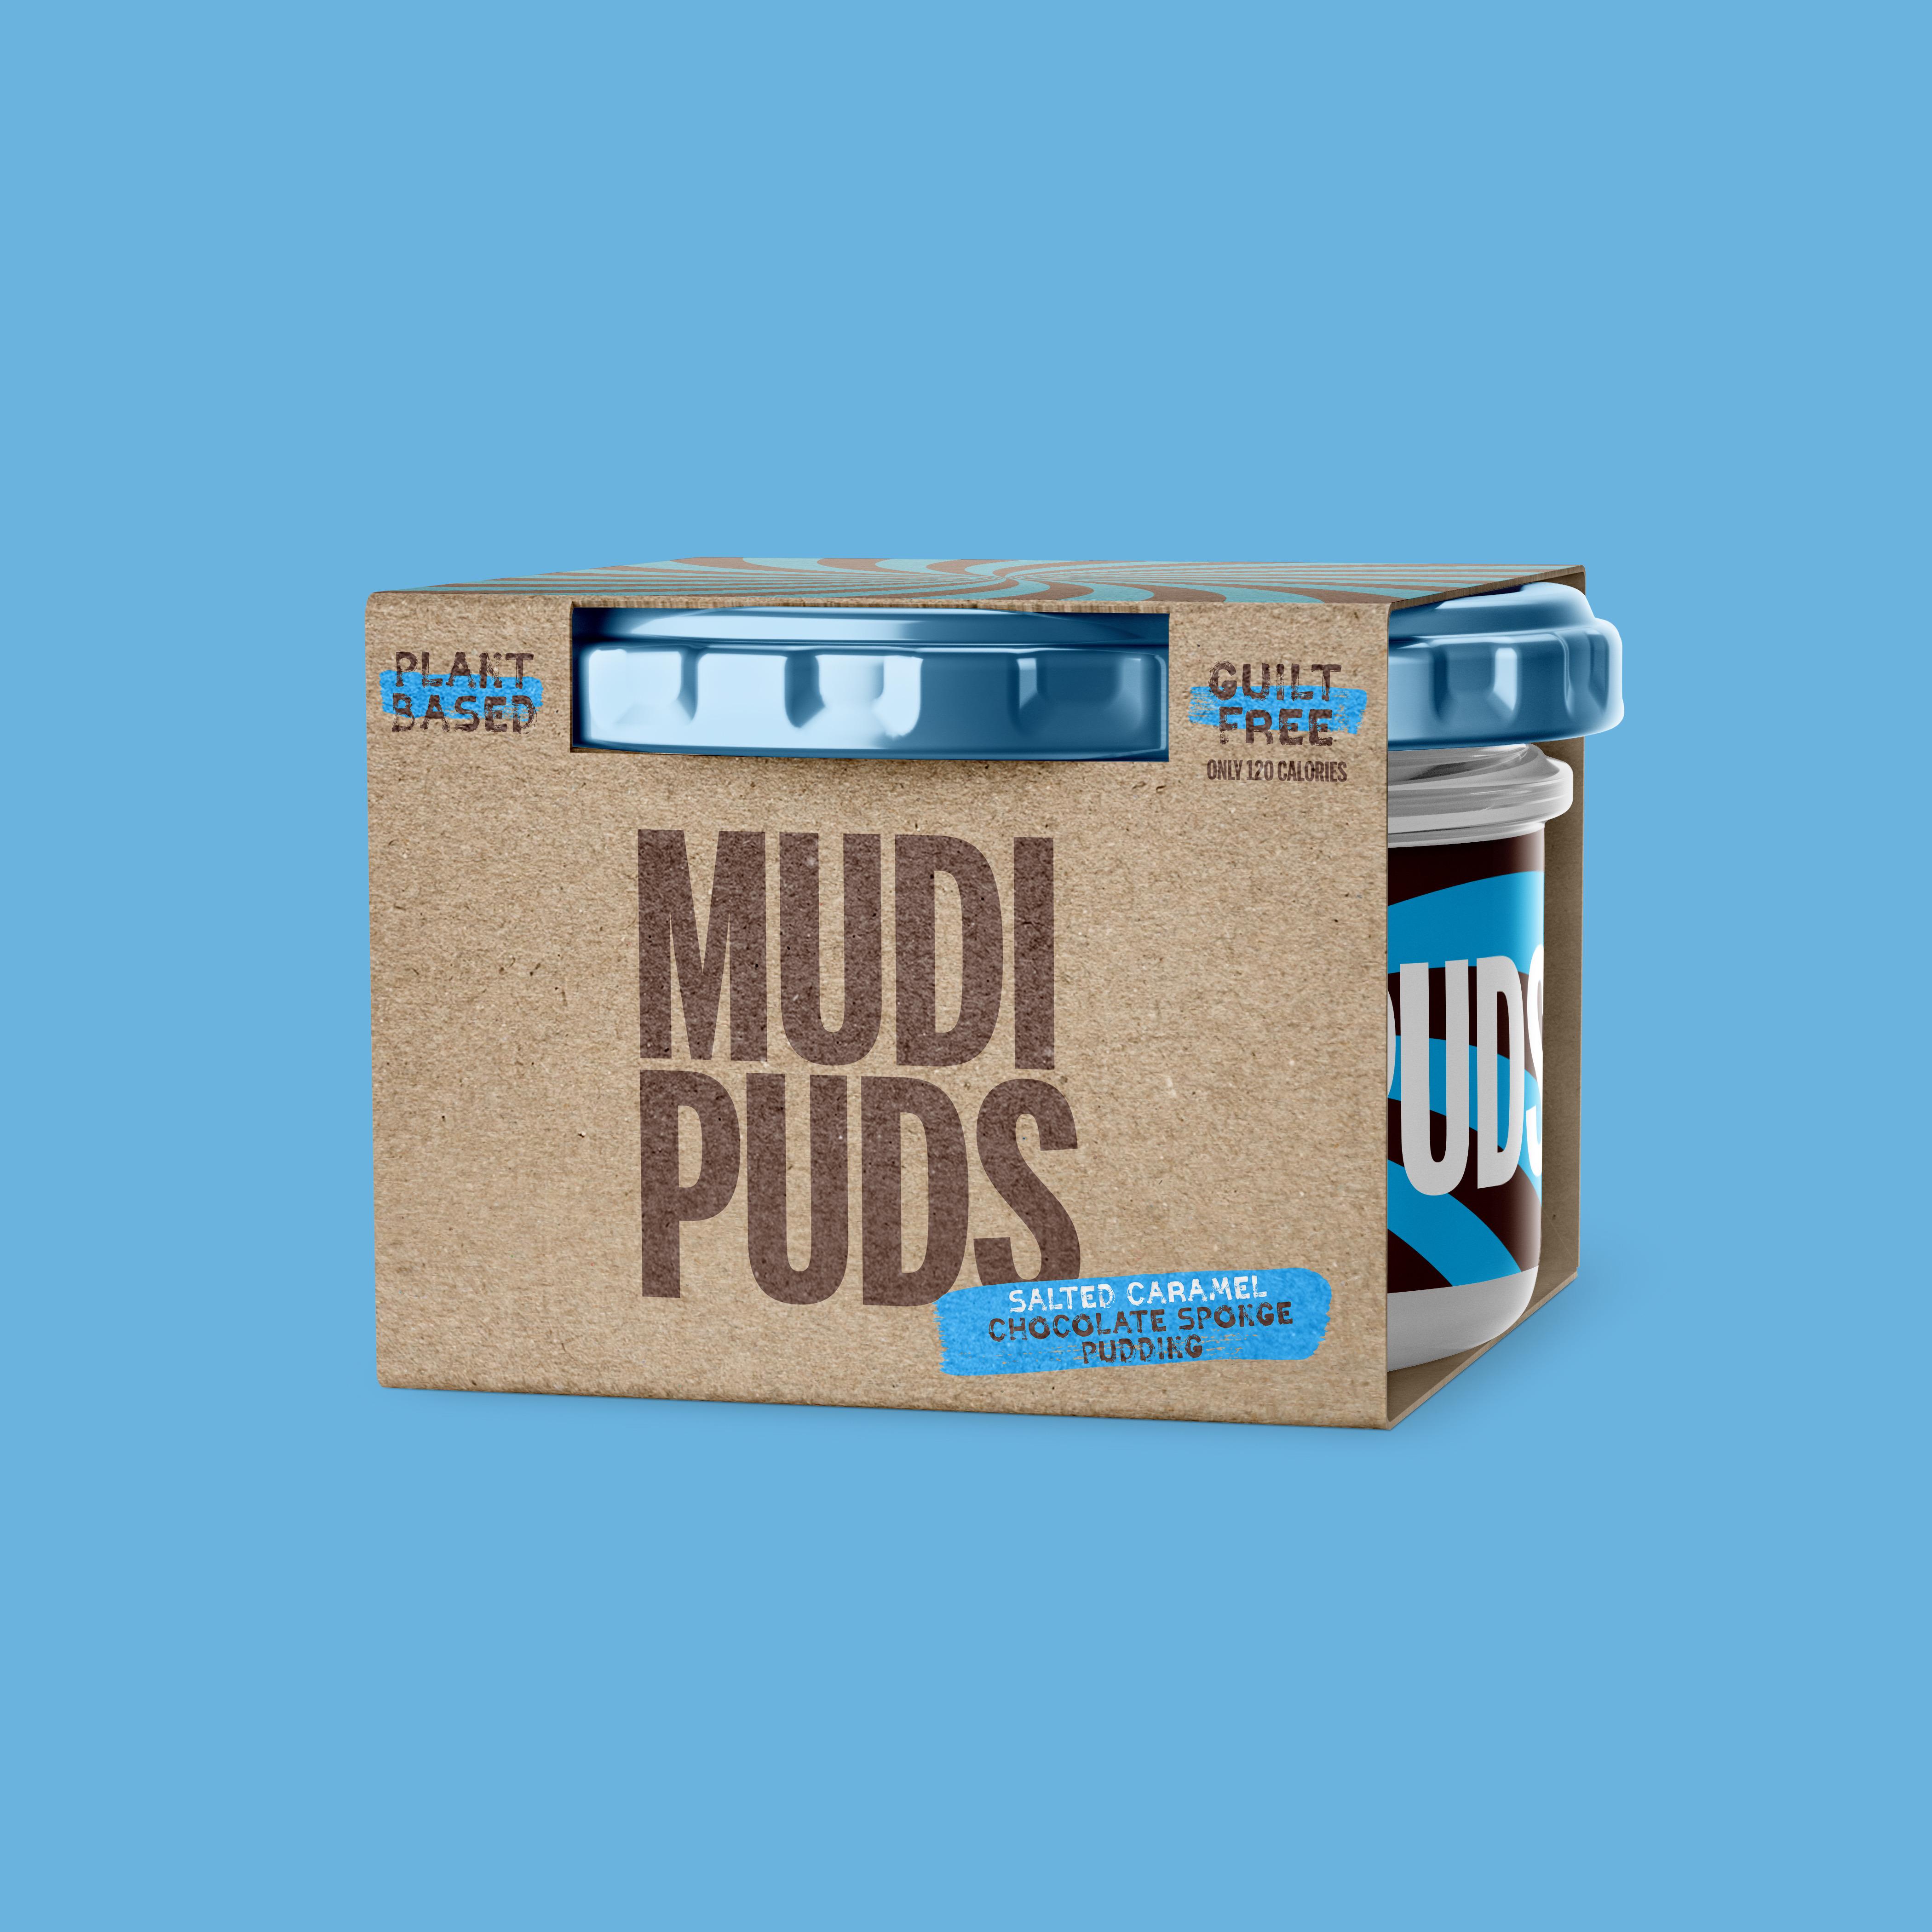 Mudi Puds Branding and Packaging